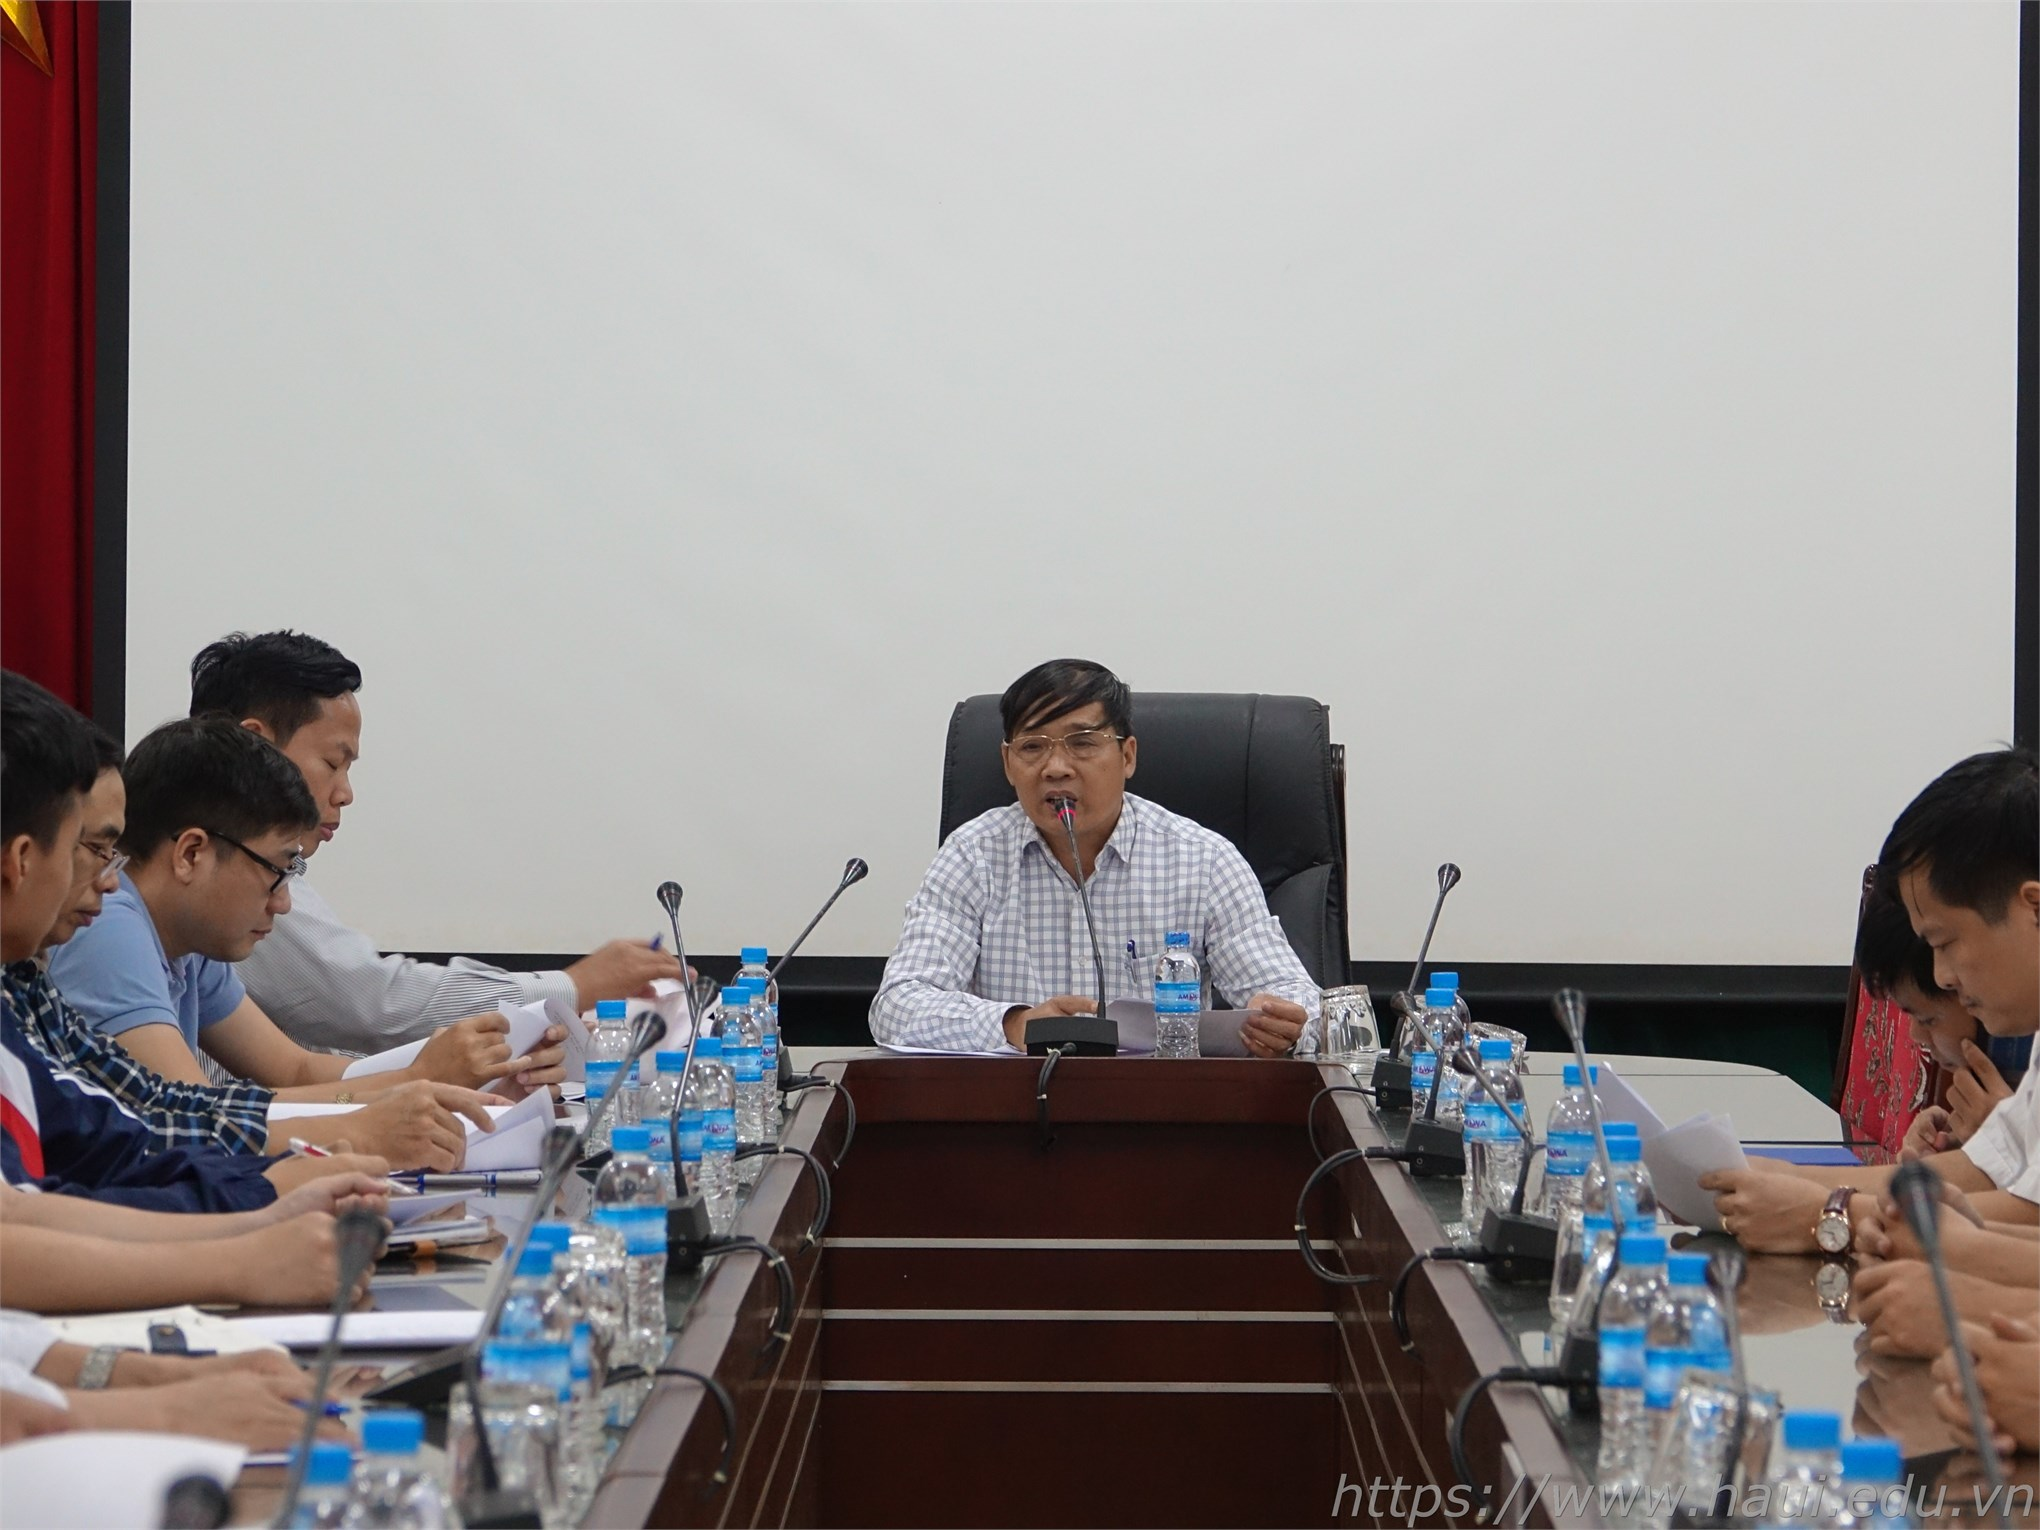 PGS.TS.Phạm Văn Bổng – Phó Hiệu trưởng Nhà trường phát biểu tại buổi gặp mặt đoàn dự thi Kỳ thi tay nghề thành phố Hà Nội năm 2019